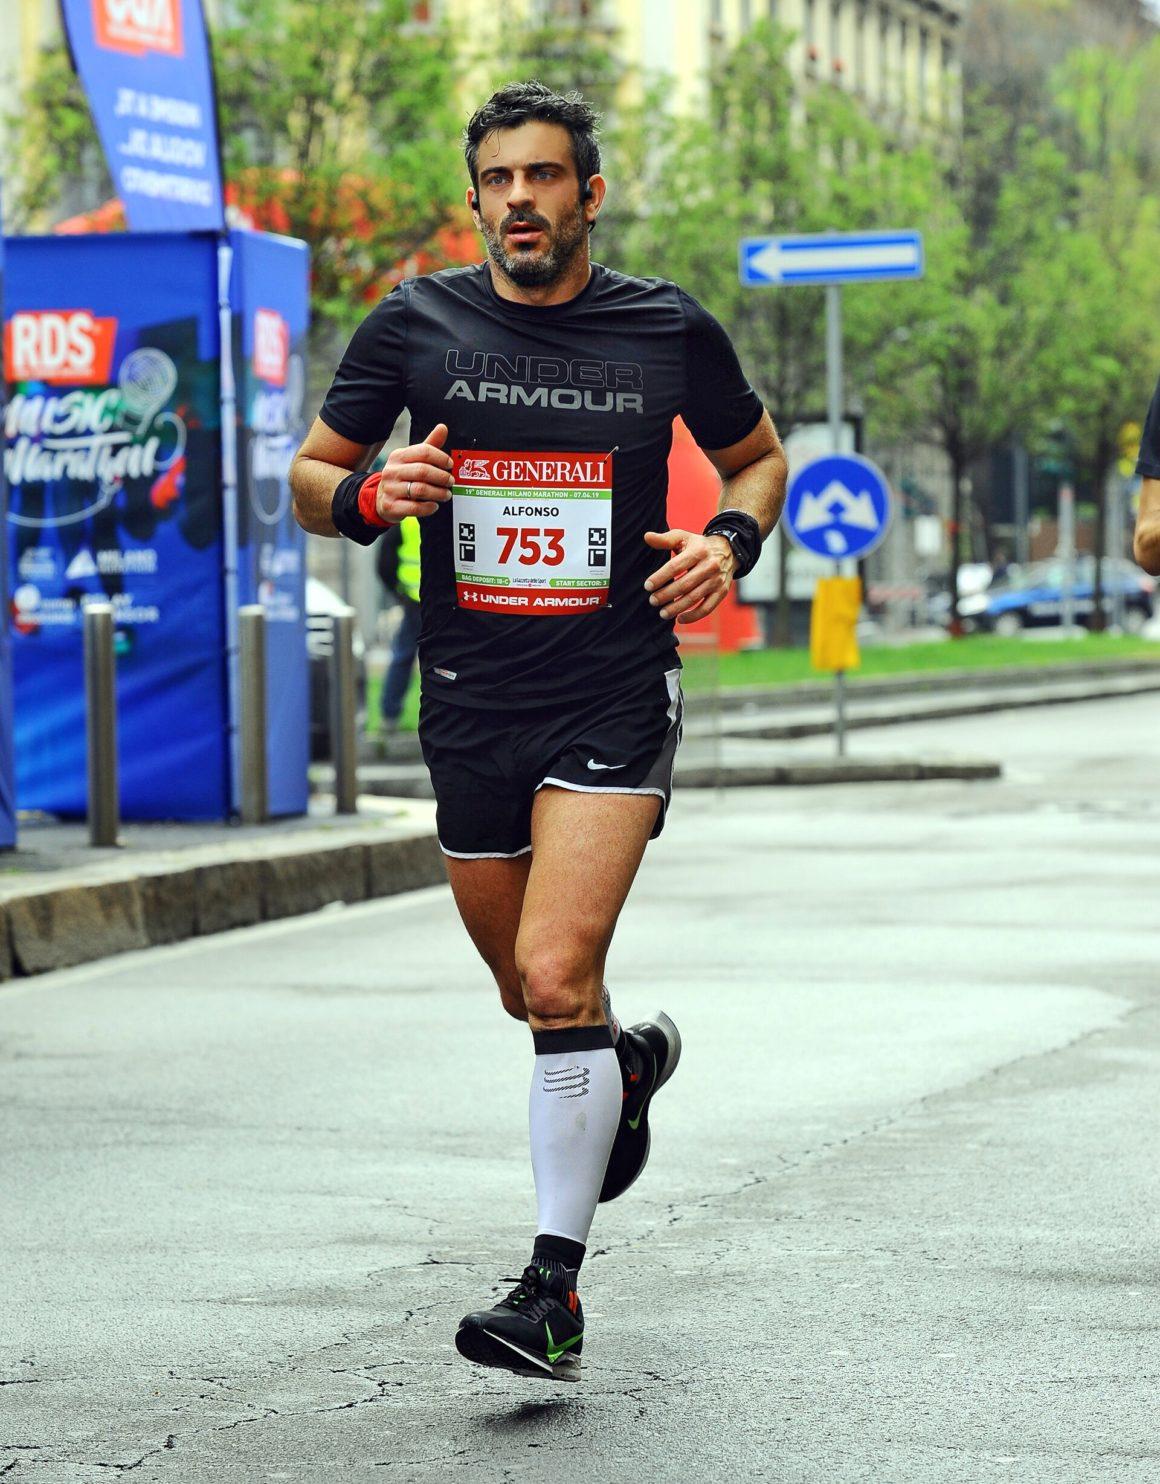 Maratón de Milán - Milan Marathon Maratona maratón de milán - maraton de milan milano maratona marathon italy italia 13 1160x1484 - Maratón de Milán: análisis, recorrido, entrenamiento y recomendaciones de viaje